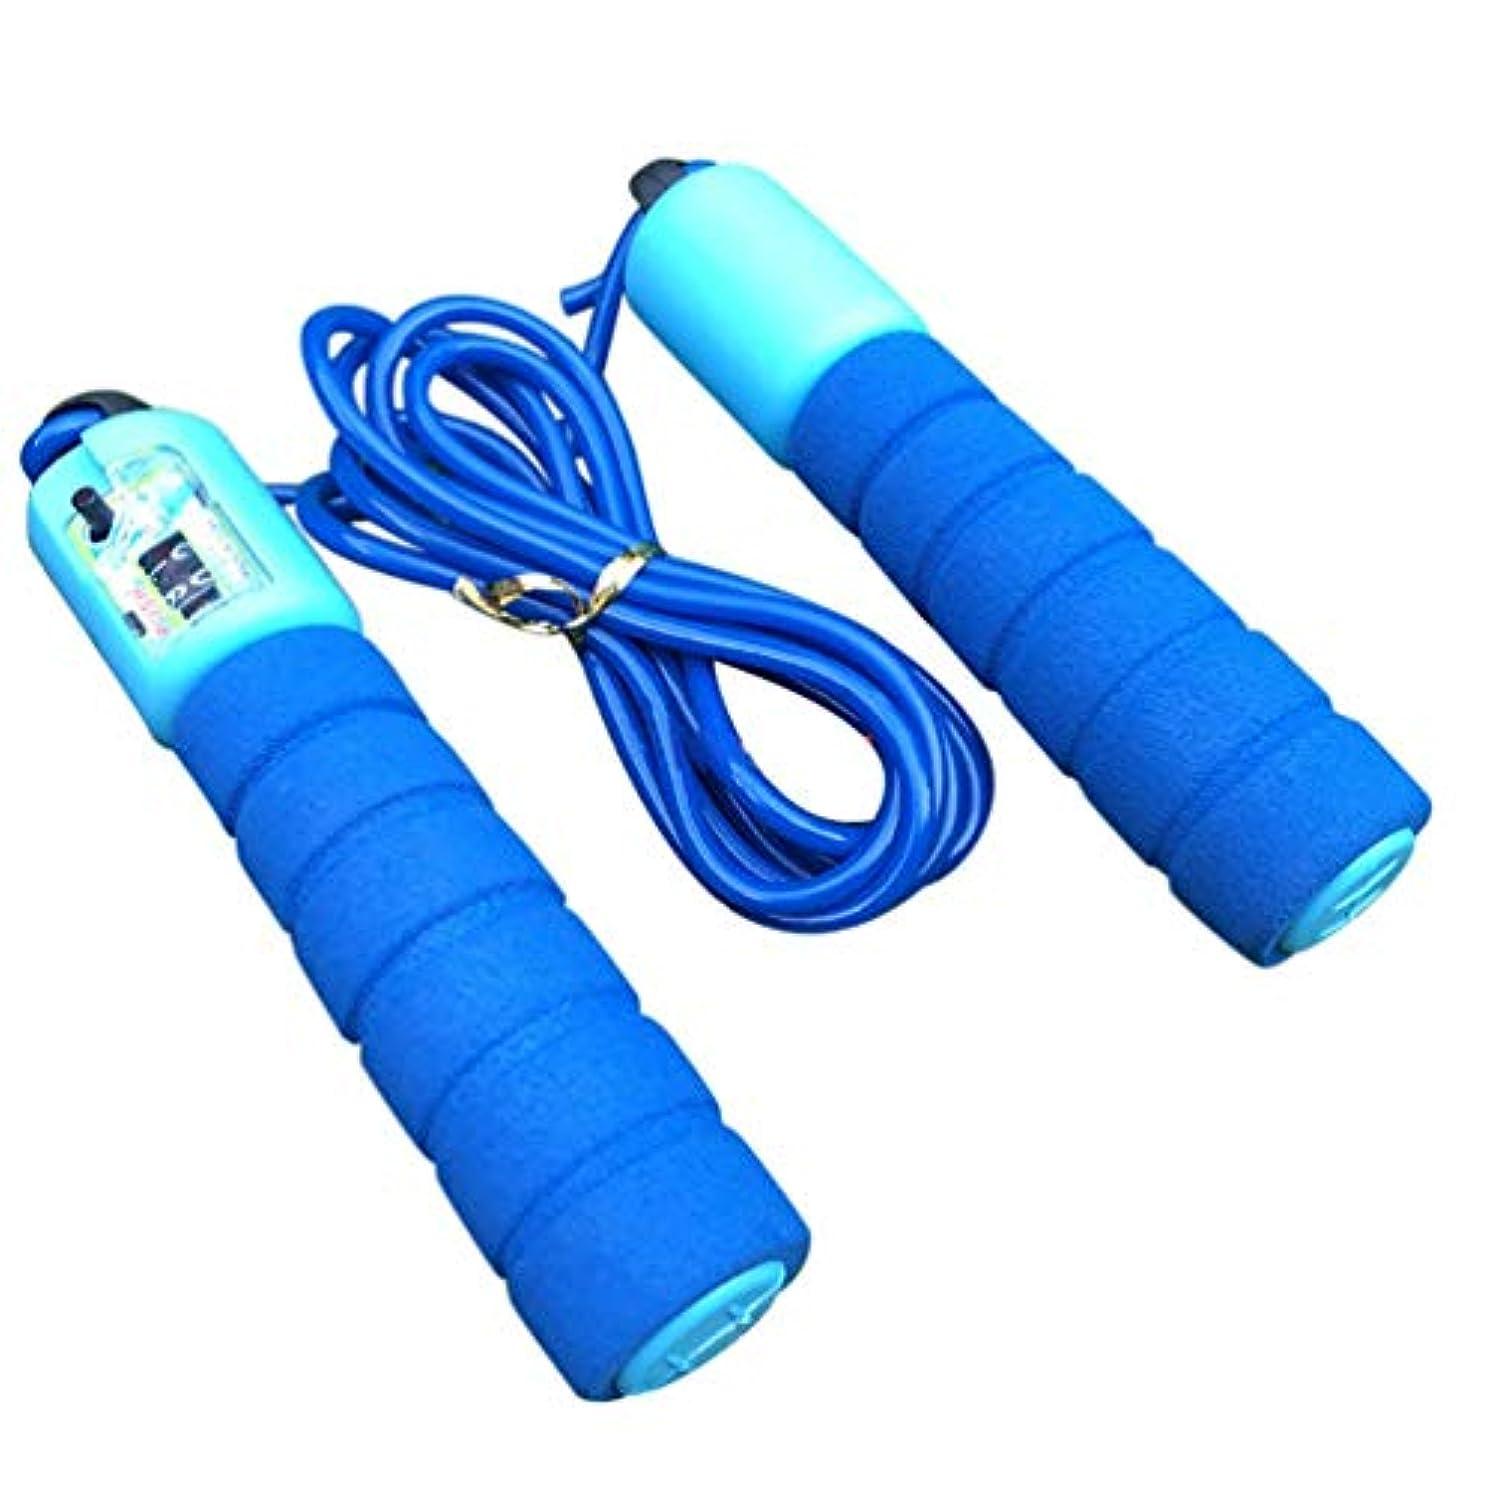 問い合わせ下位低下調整可能なプロフェッショナルカウント縄跳び自動カウントジャンプロープフィットネス運動高速カウントジャンプロープ - 青